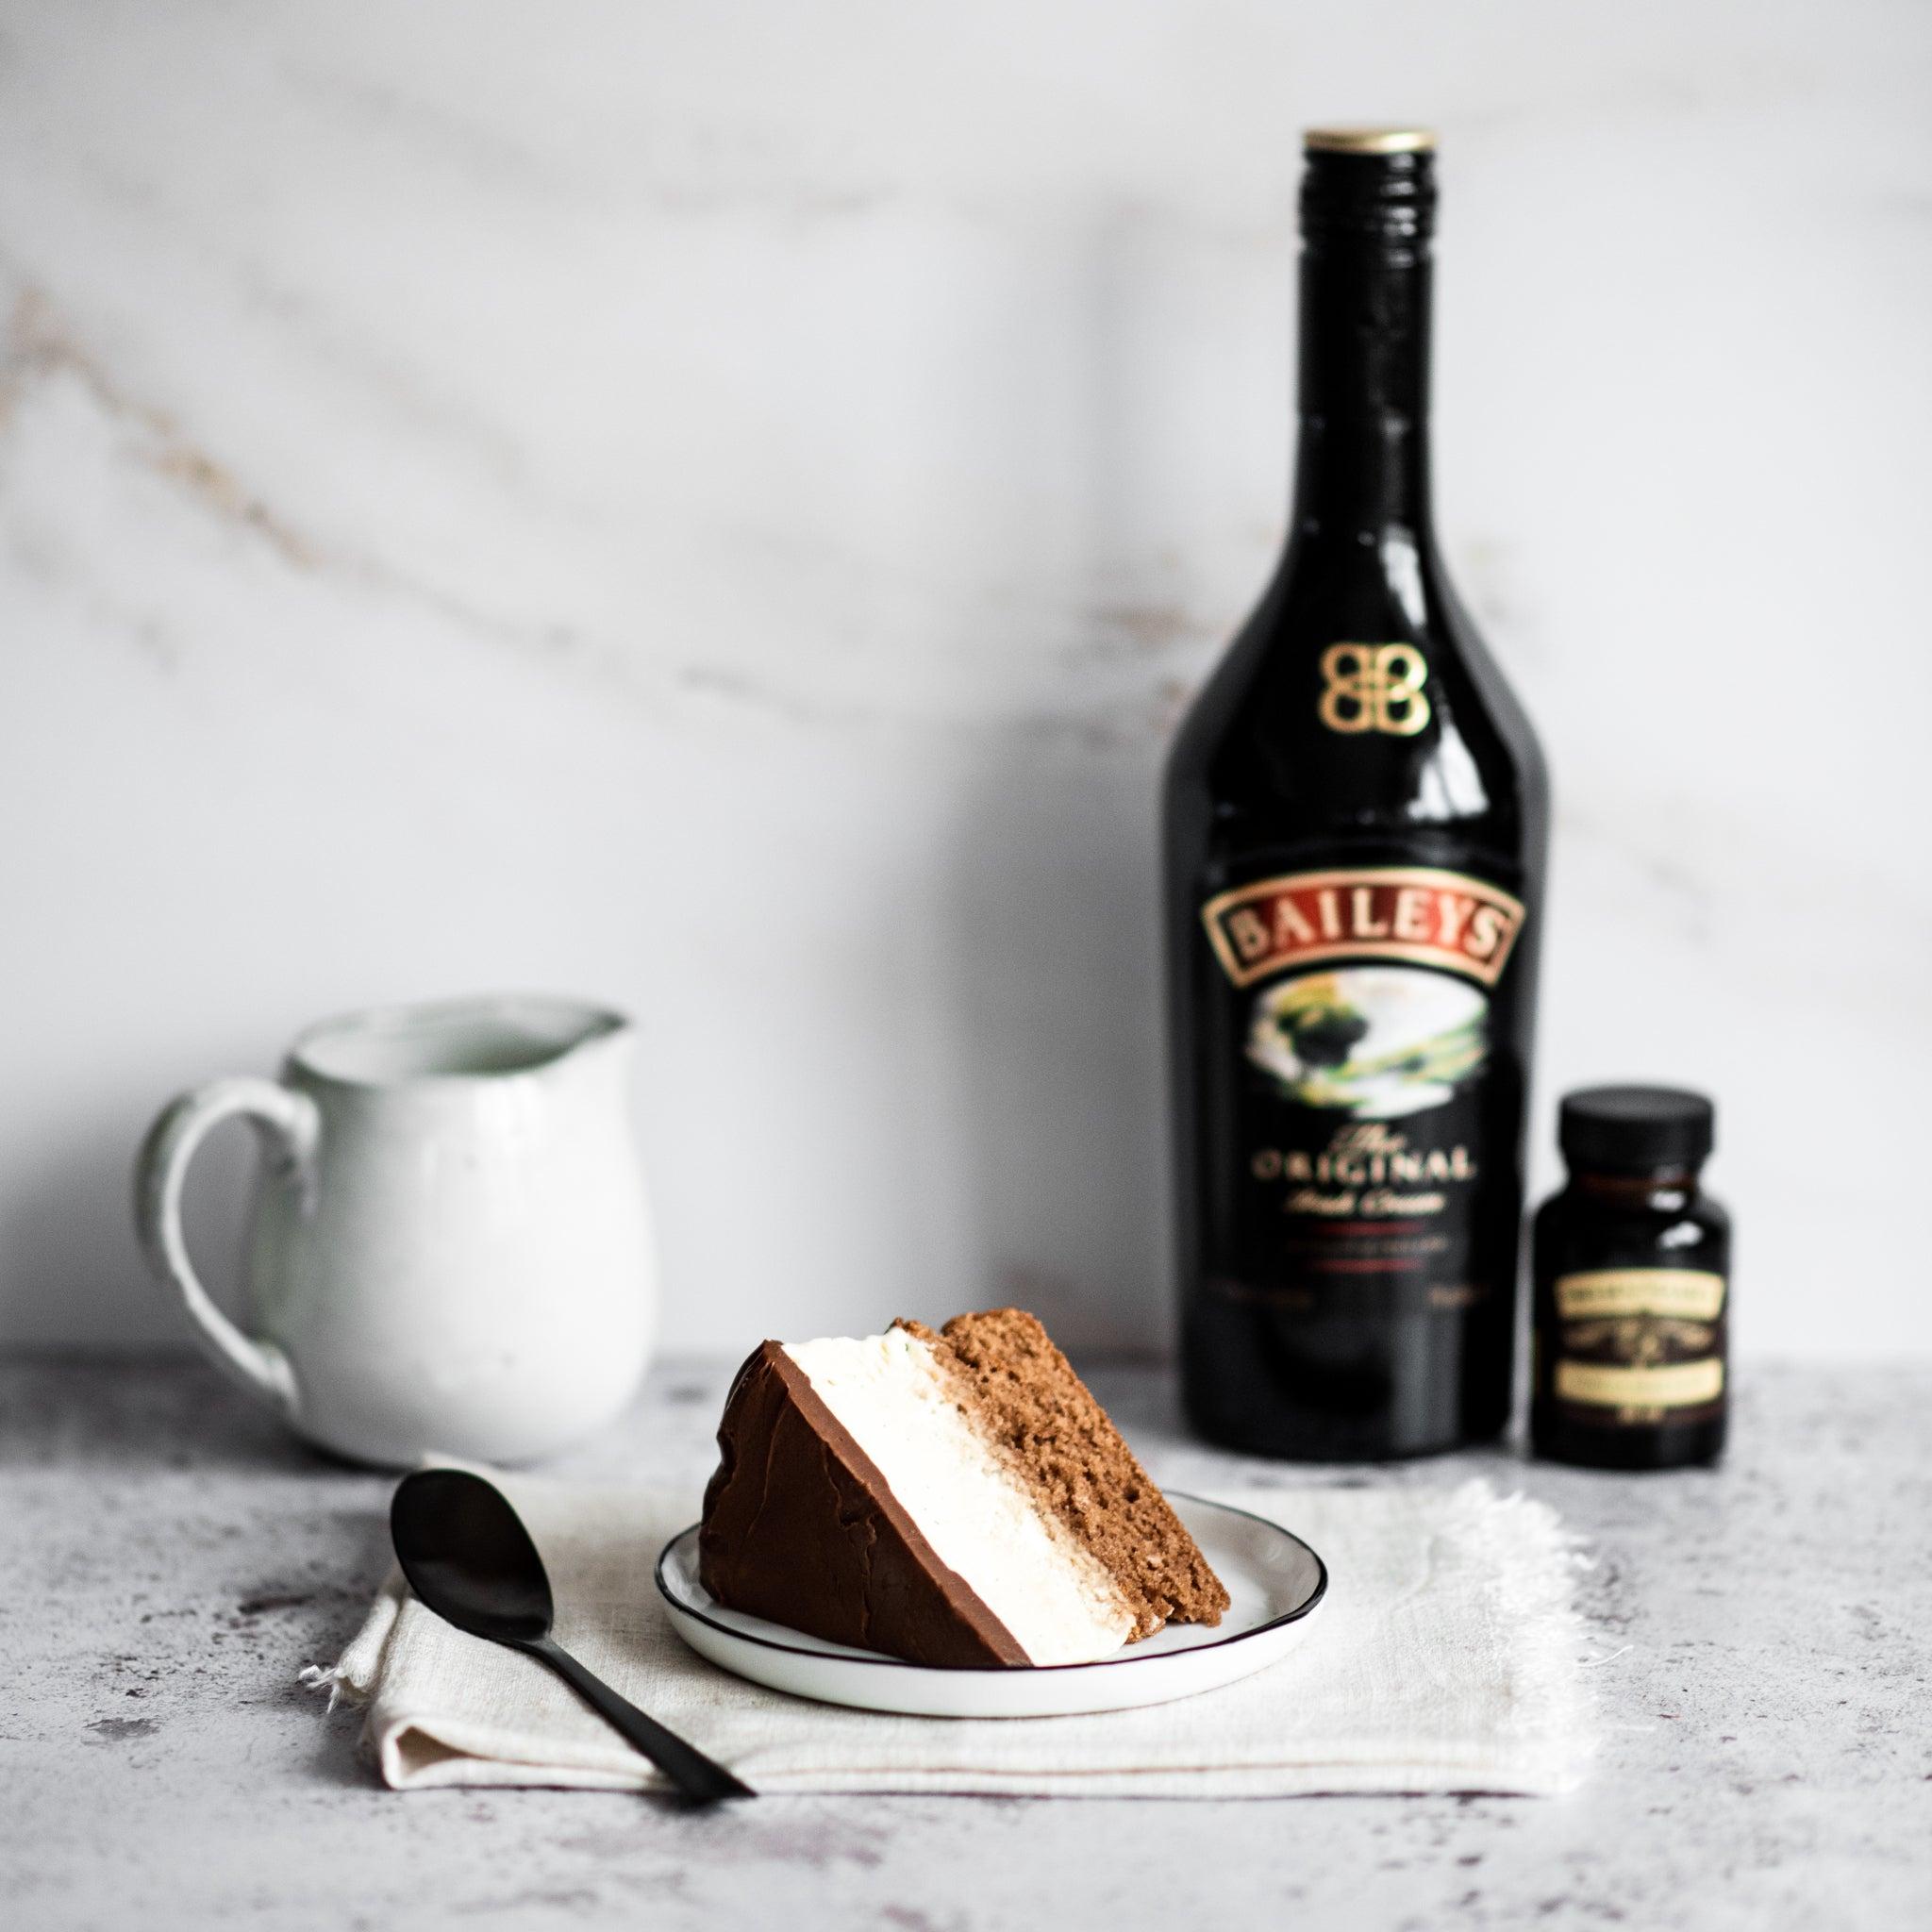 Baileys-Ice-Cream-Cake-(1).jpg